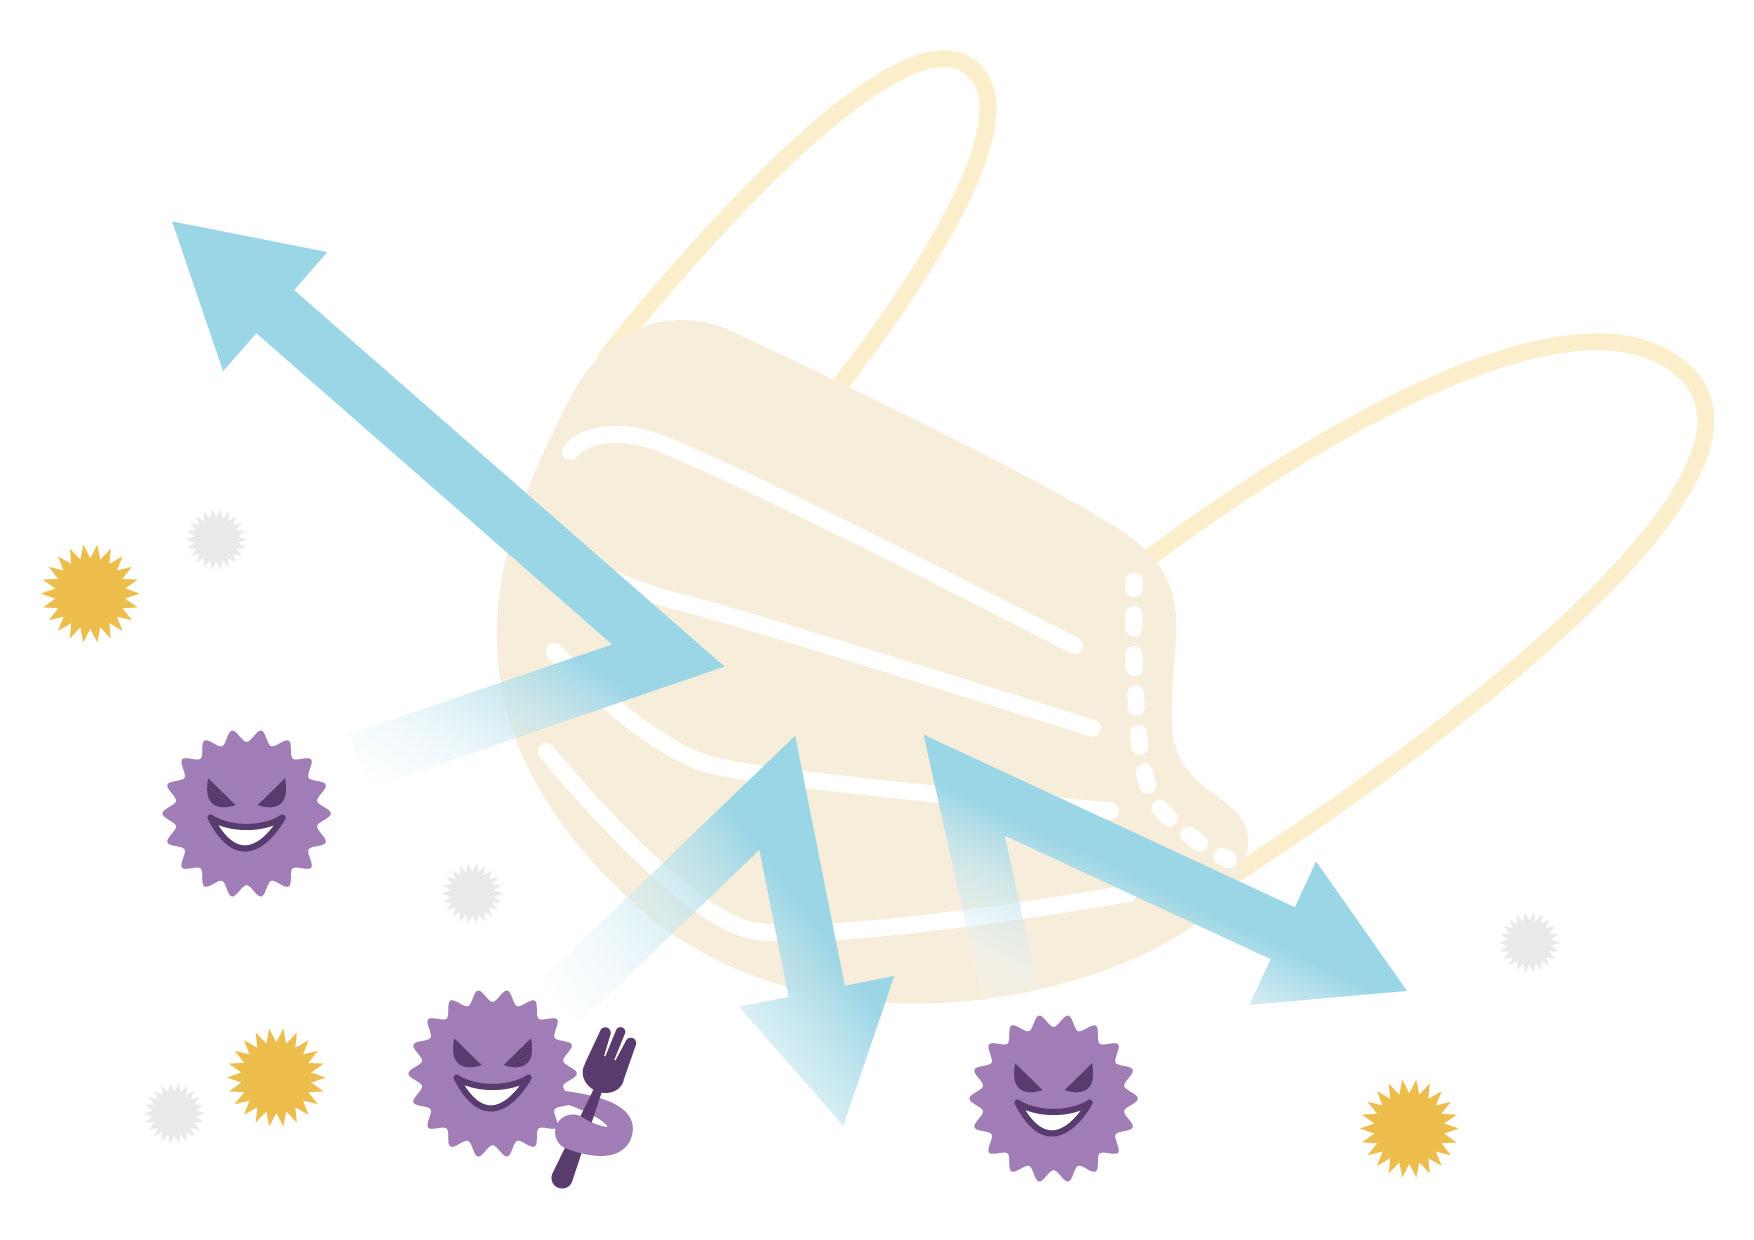 可愛いイラスト無料|マスク インフルエンザ − free illustration Mask influenza